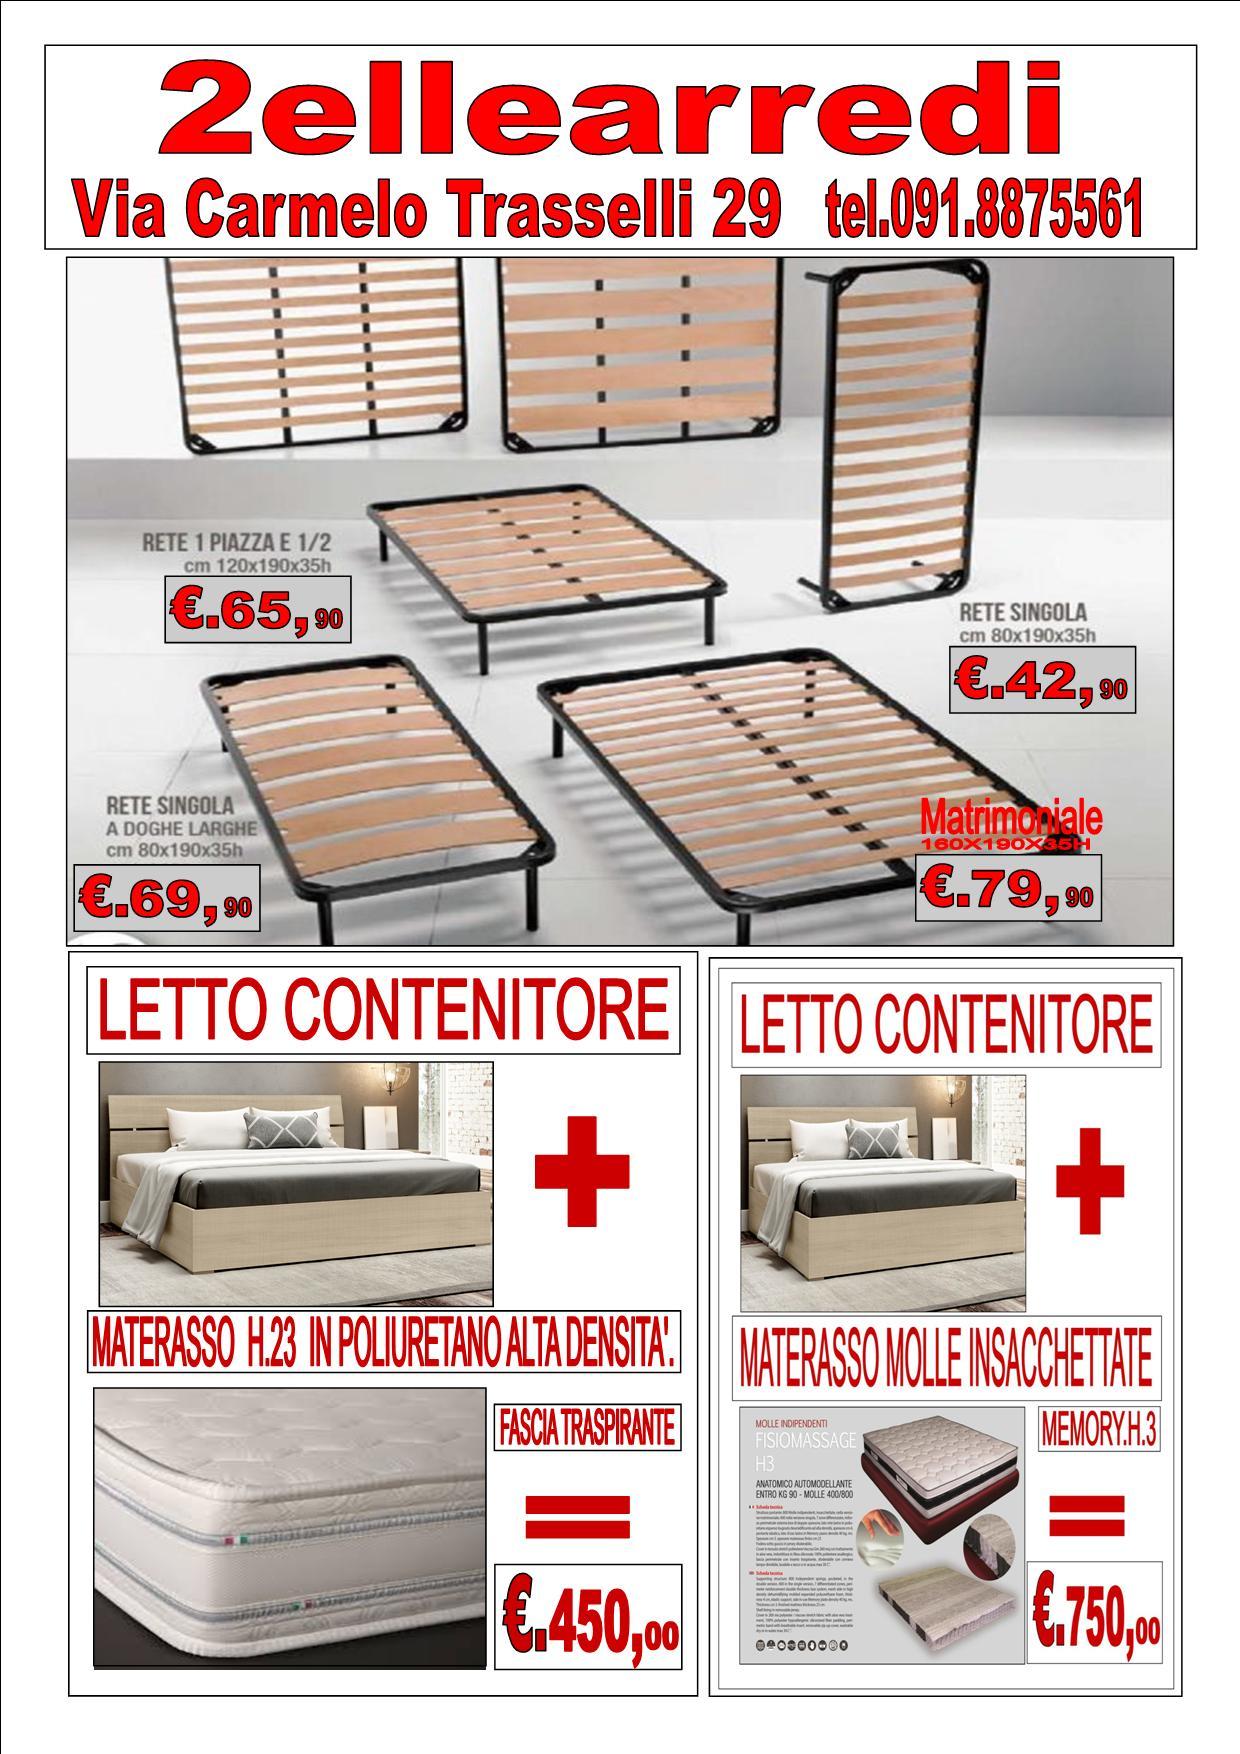 Offerta letto contenitore con materasso!!     2ellearredi.it